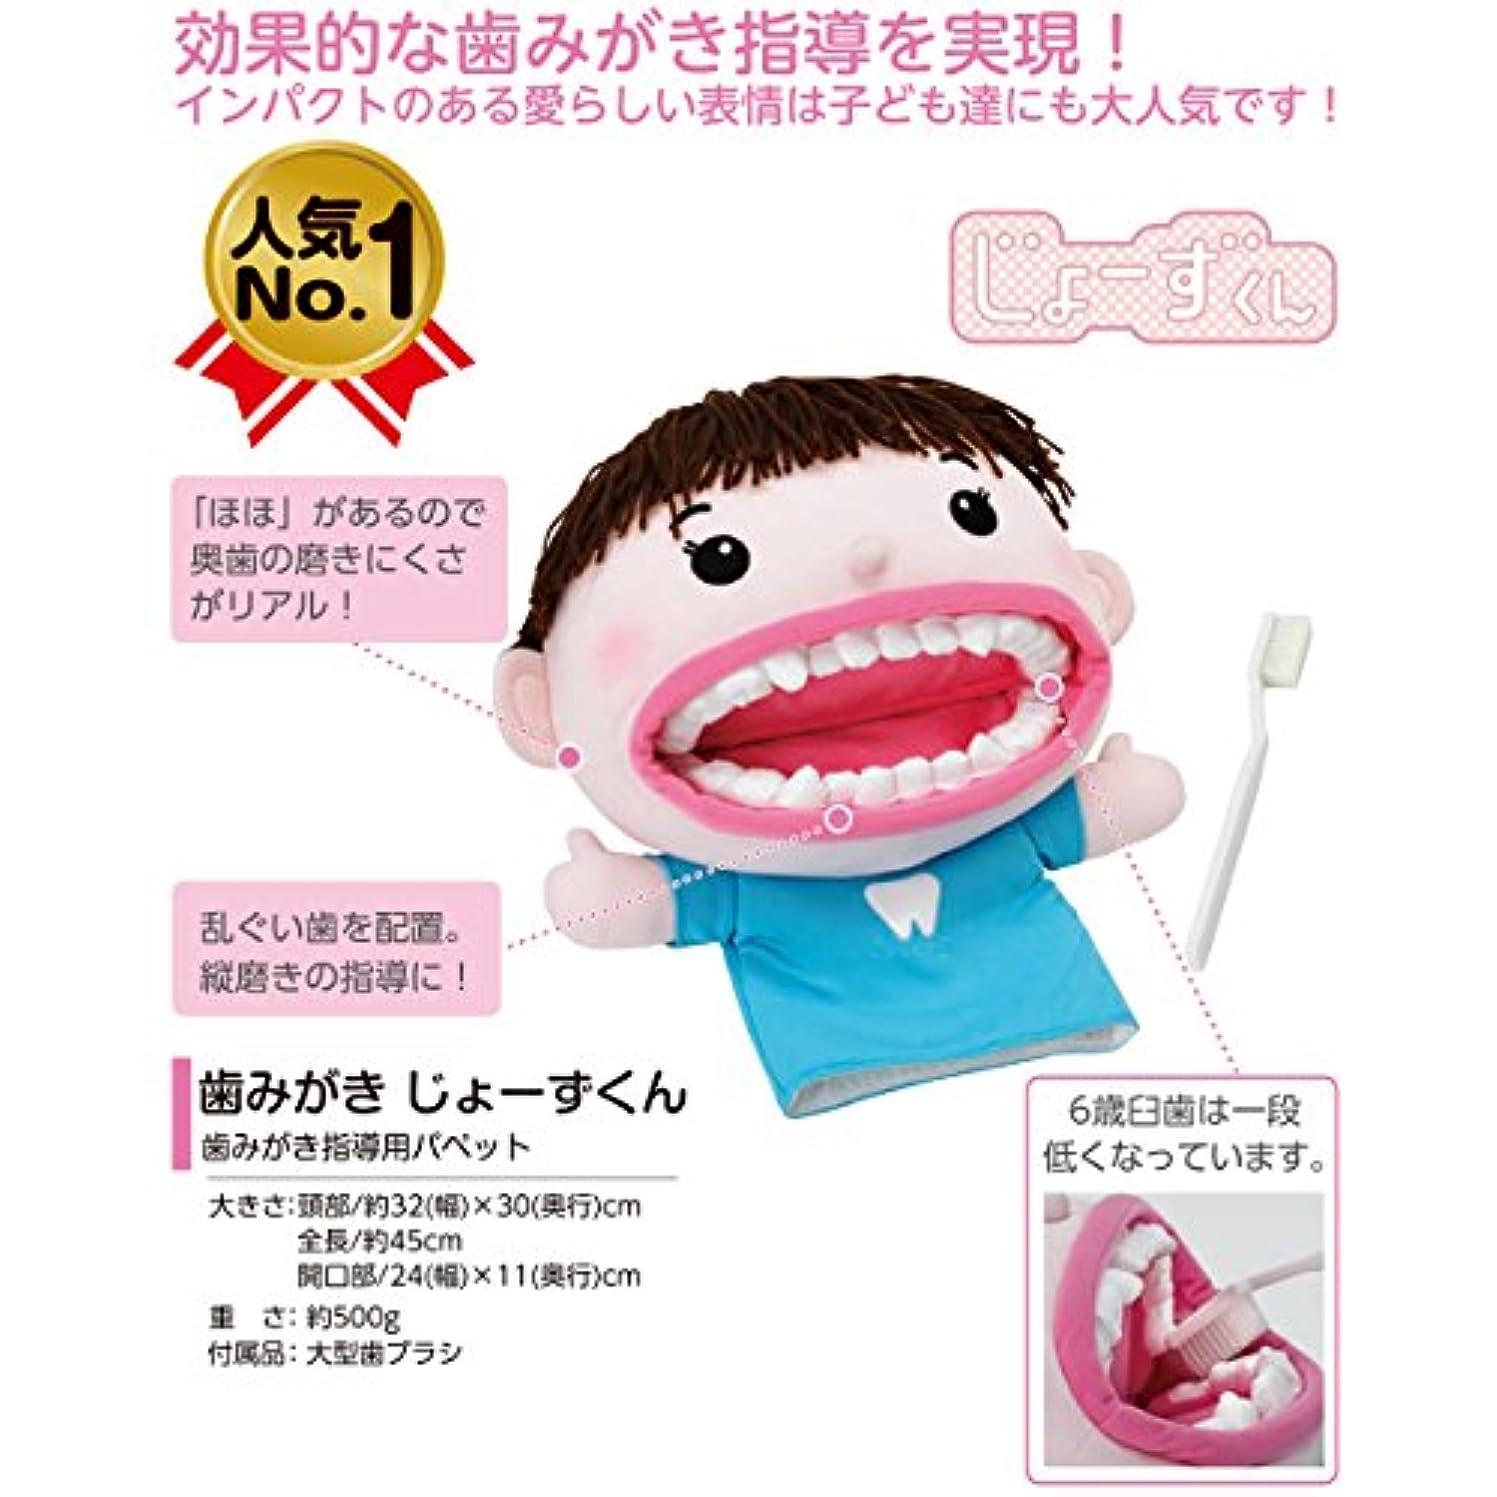 効果言語ライン歯みがき じょーずくん 歯磨き 指導用 教育用 パペット 人形 ぬいぐるみ